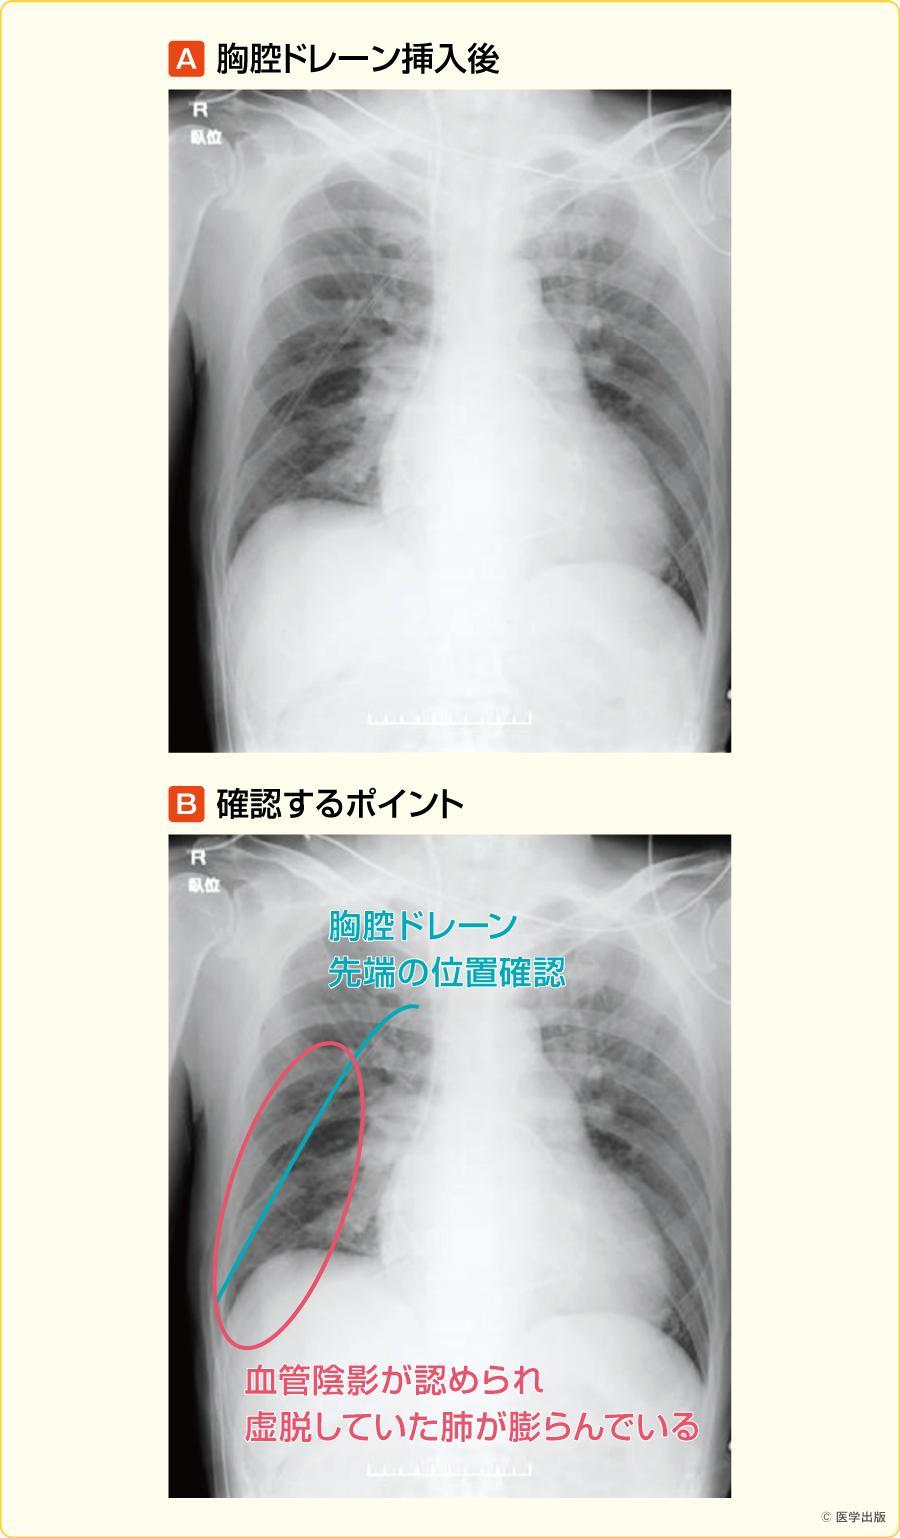 胸腔ドレーン挿入後